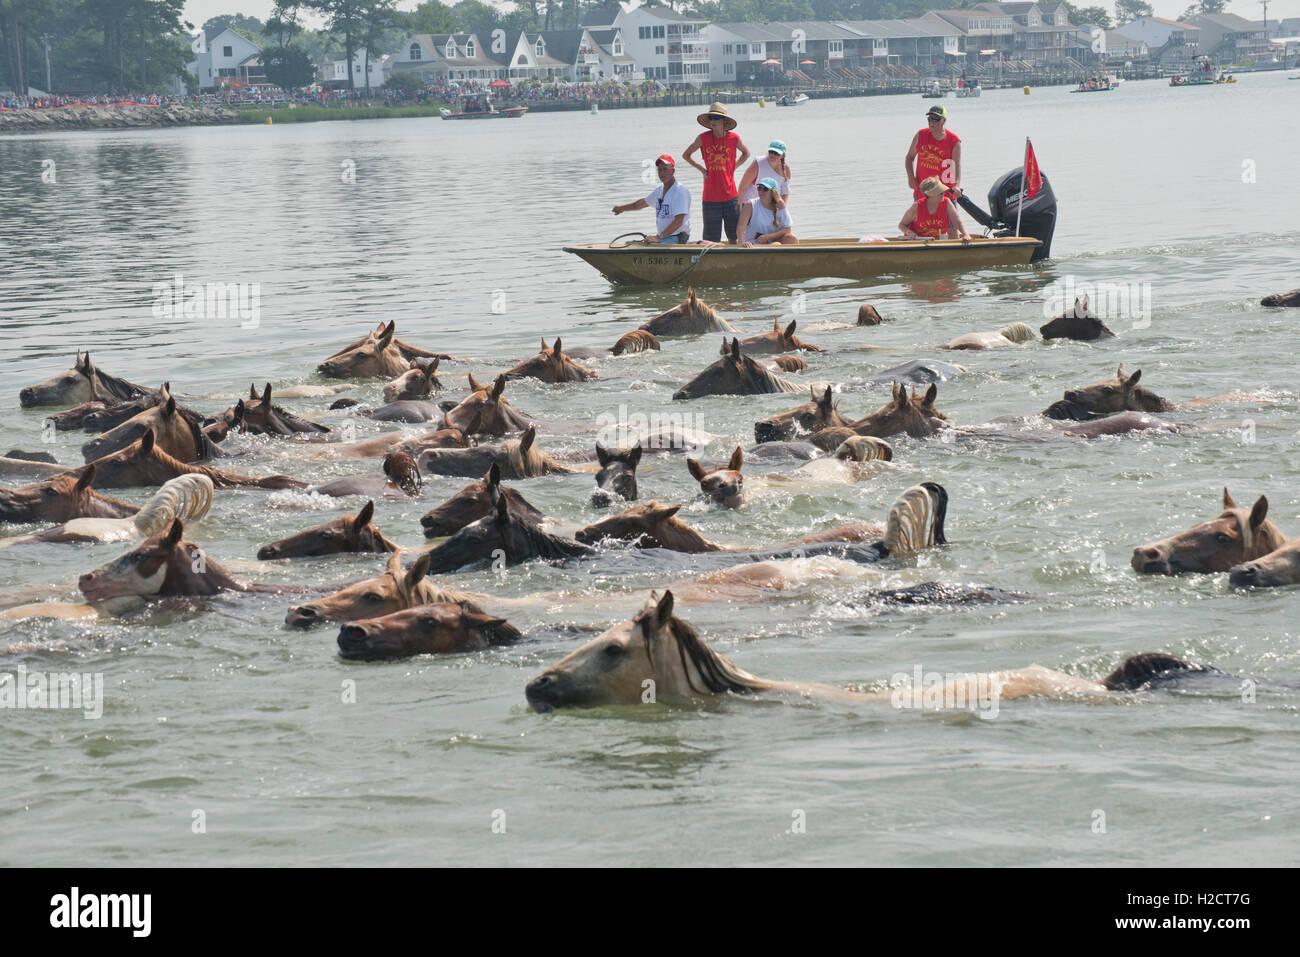 Chincoteague Co. de Bomberos Voluntarios voluntarios en una embarcación directa cercana a una manada de caballos salvajes que nadan a través del canal de Assateague Island a Chincoteague Island durante la 91ª anual de Pony Swim, Julio 27, 2016 en Chincoteague, Virginia. Foto de stock